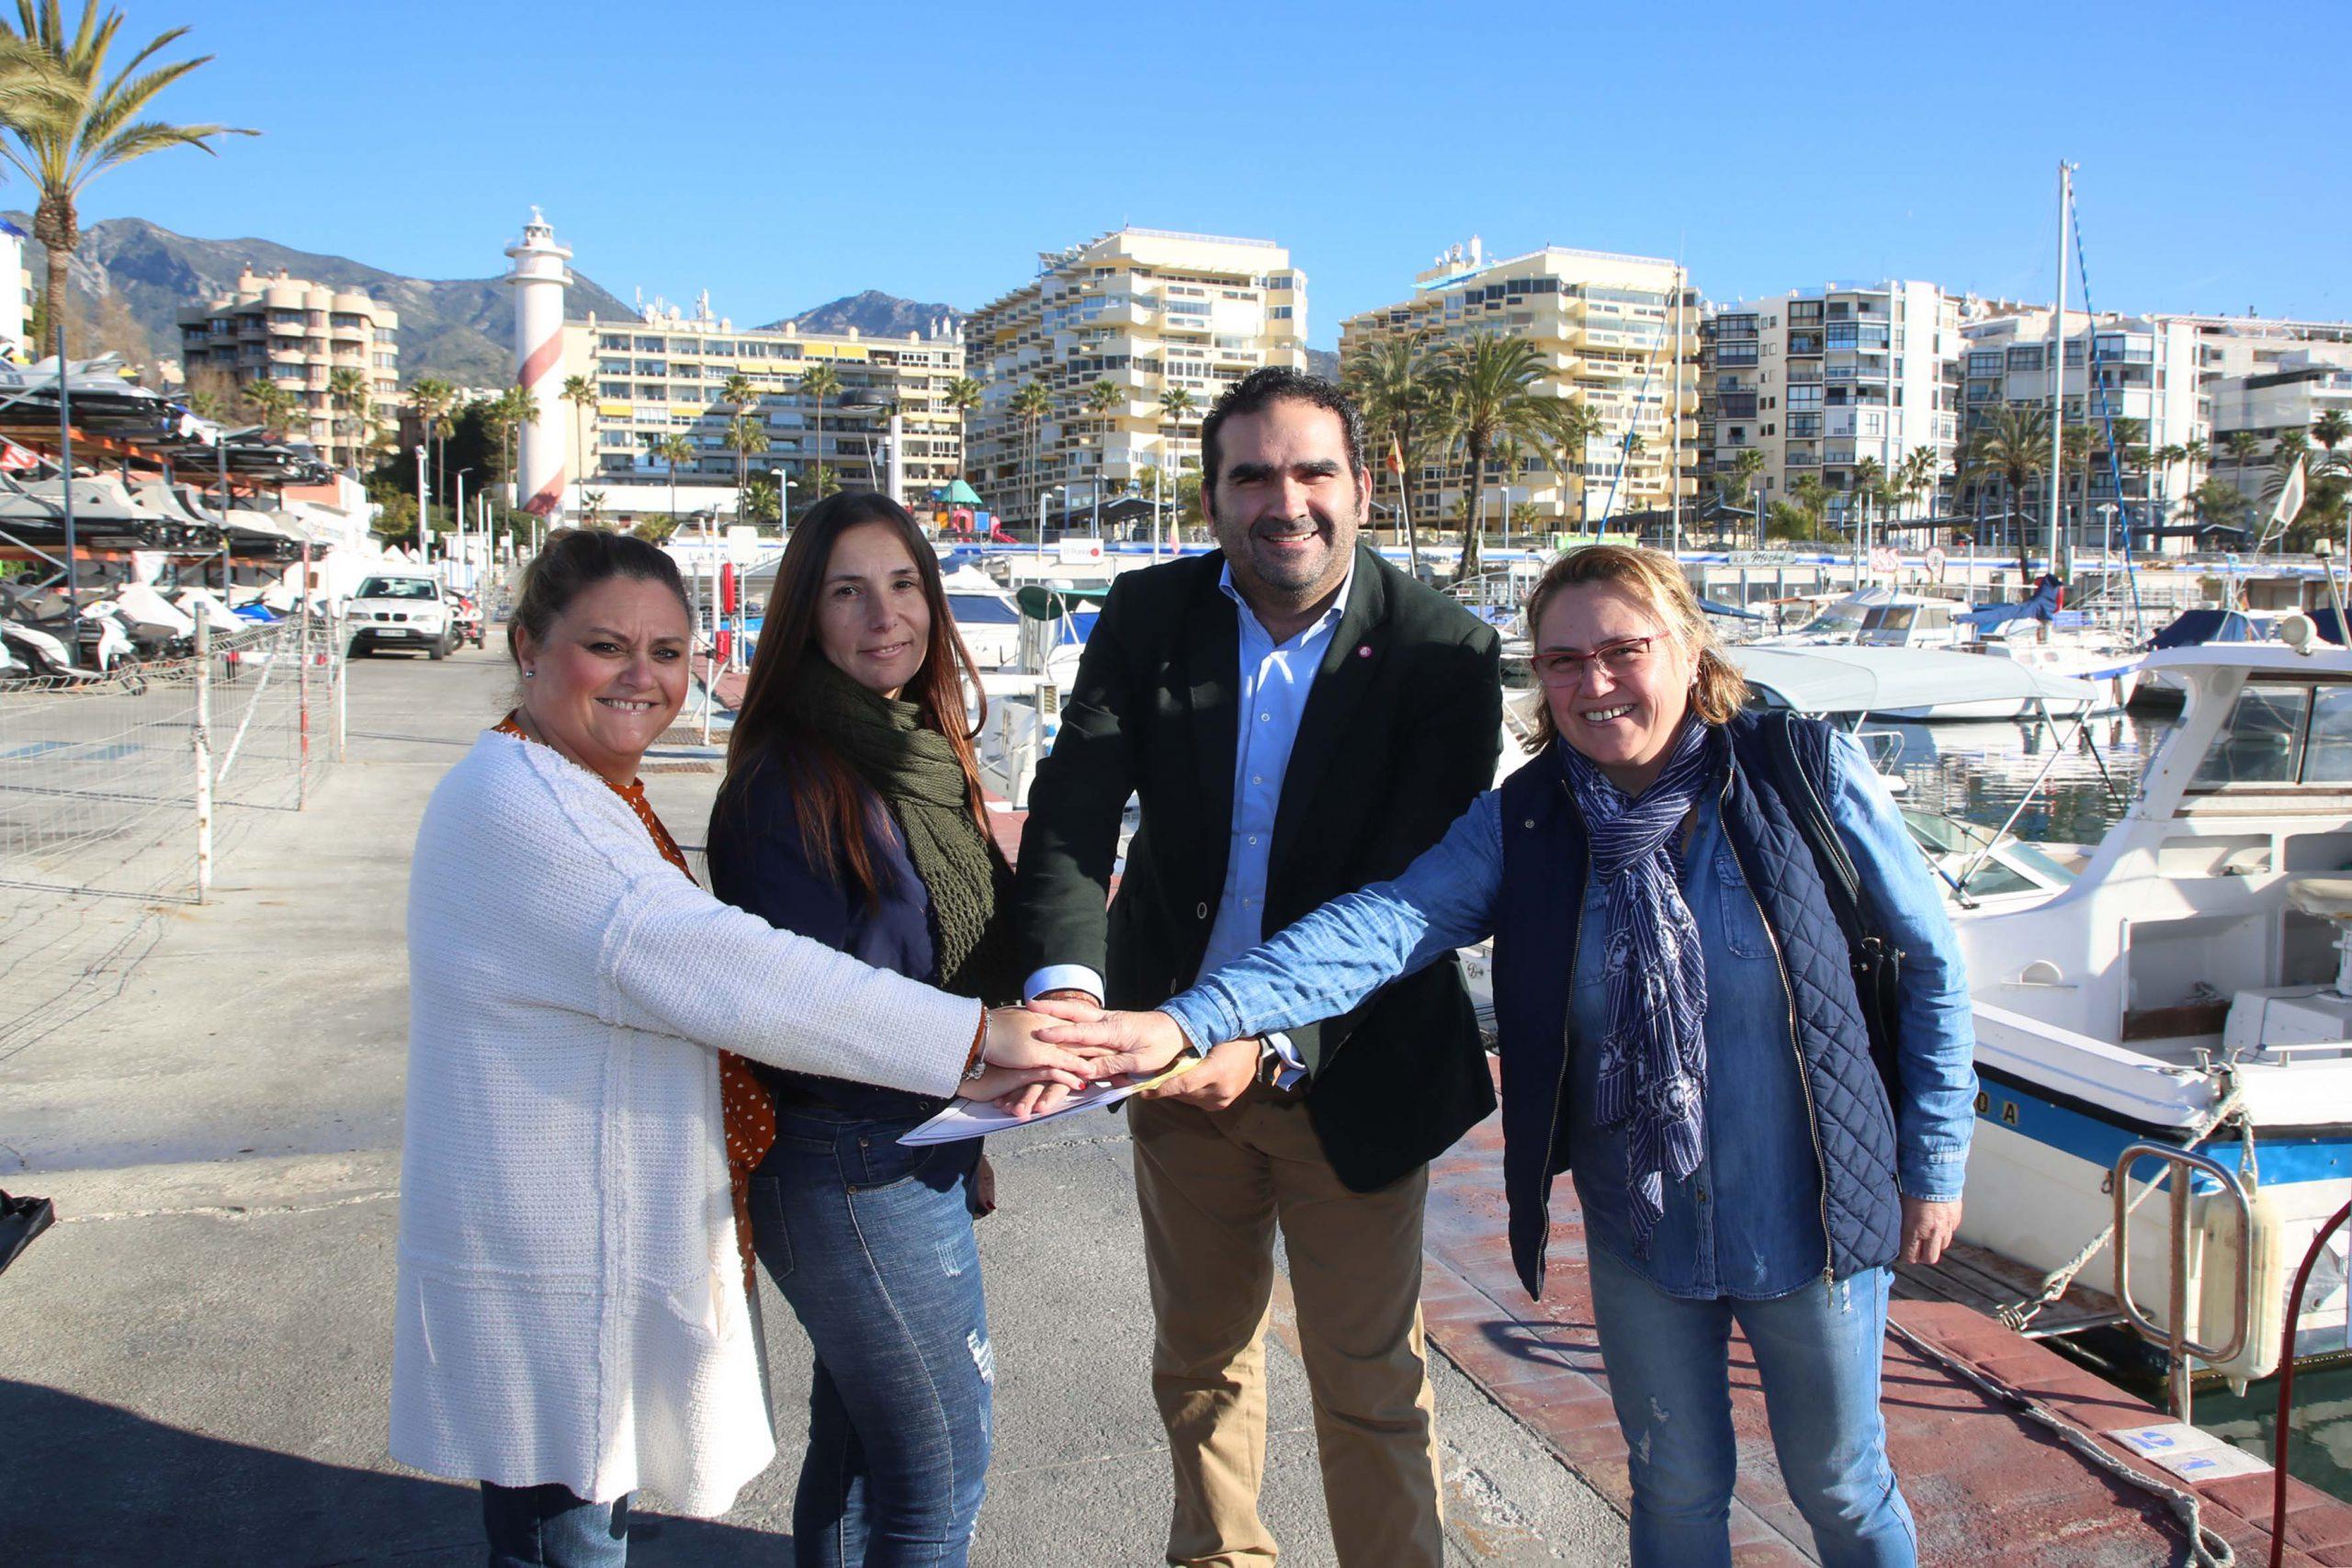 El Puerto Deportivo y la Hermandad Virgen del Carmen han suscrito un convenio de colaboración